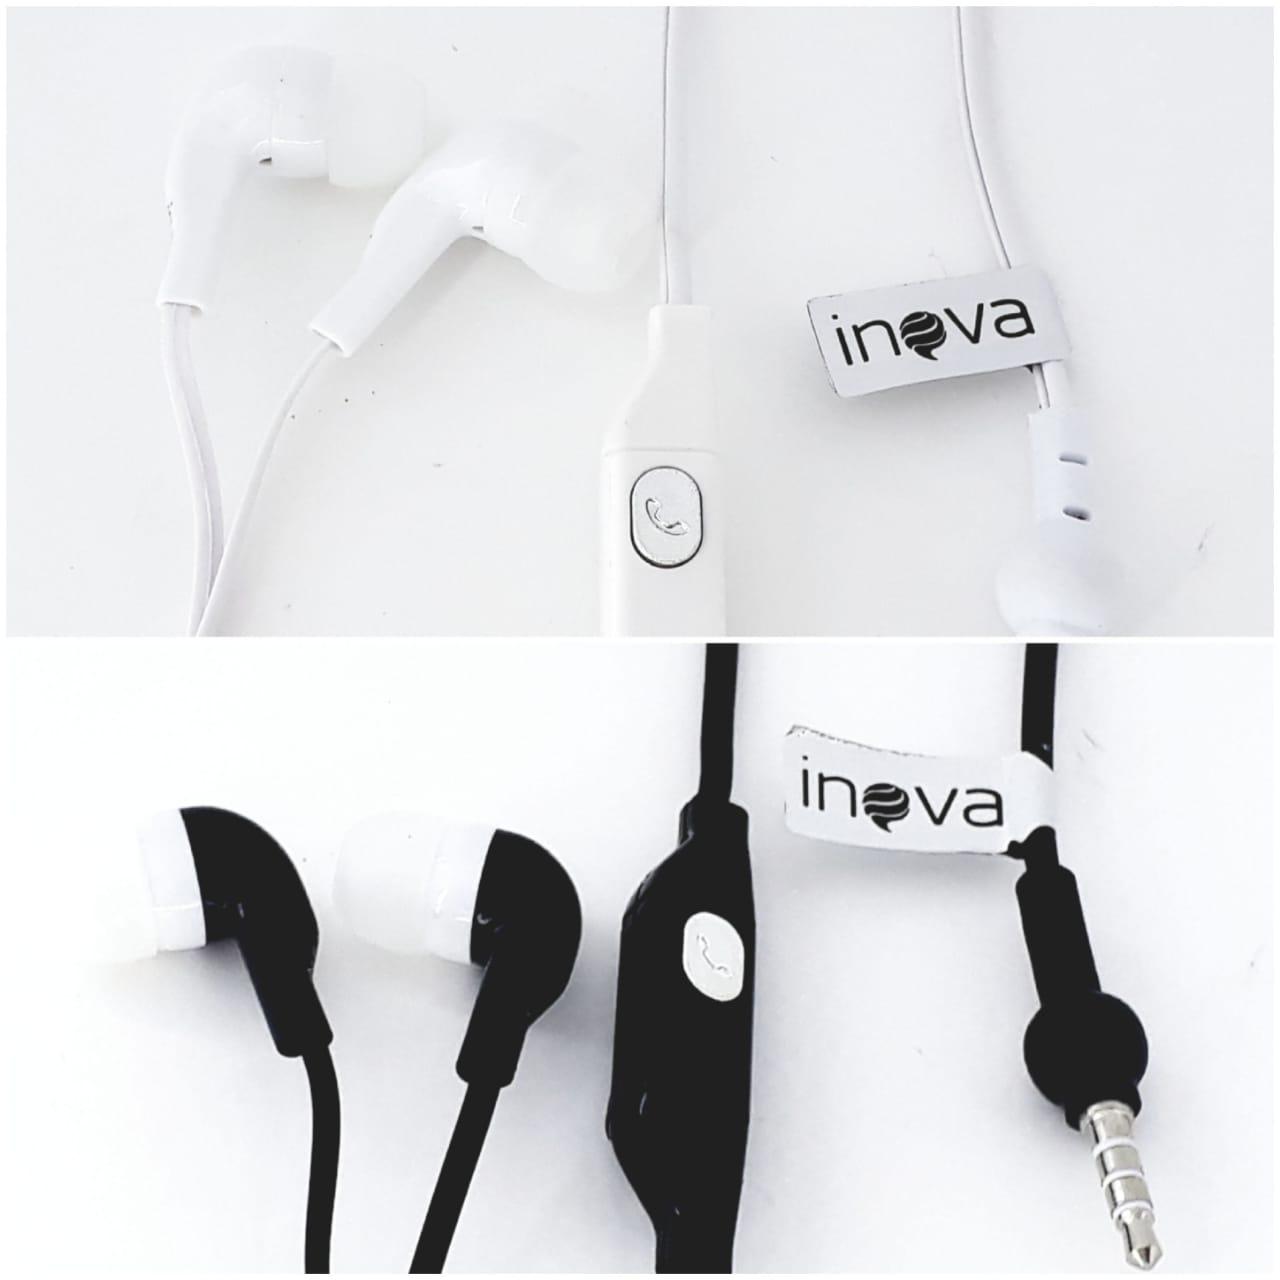 Kit com 2 peças Fone de ouvido preto e branco com microfone para celular Inova